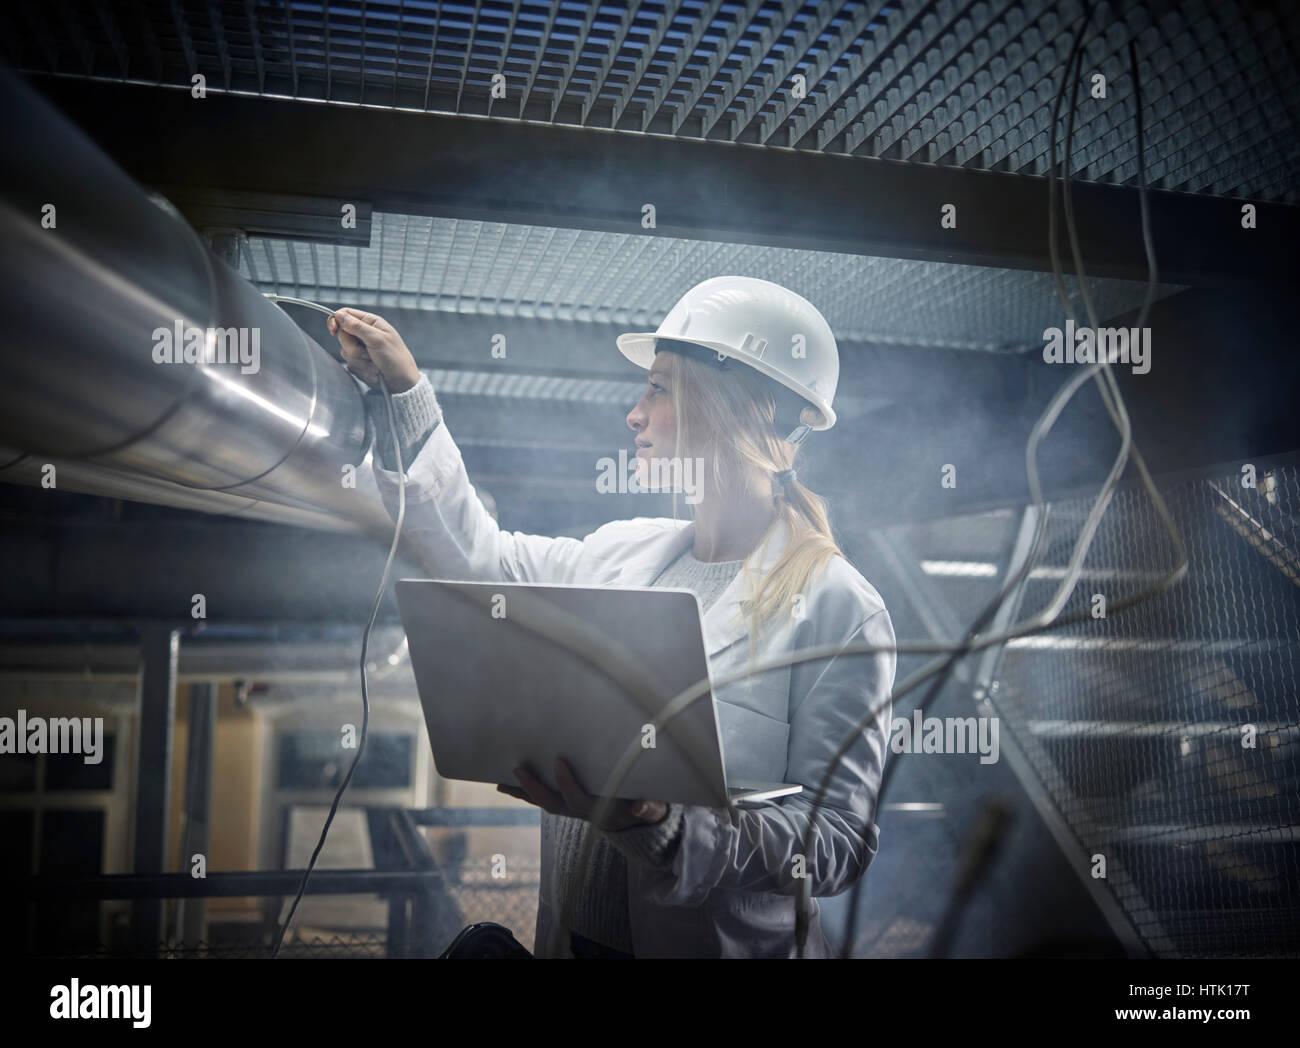 Jeune femme avec casque, sarrau blanc et l'ordinateur portable debout devant une usine industrielle, Autriche Banque D'Images